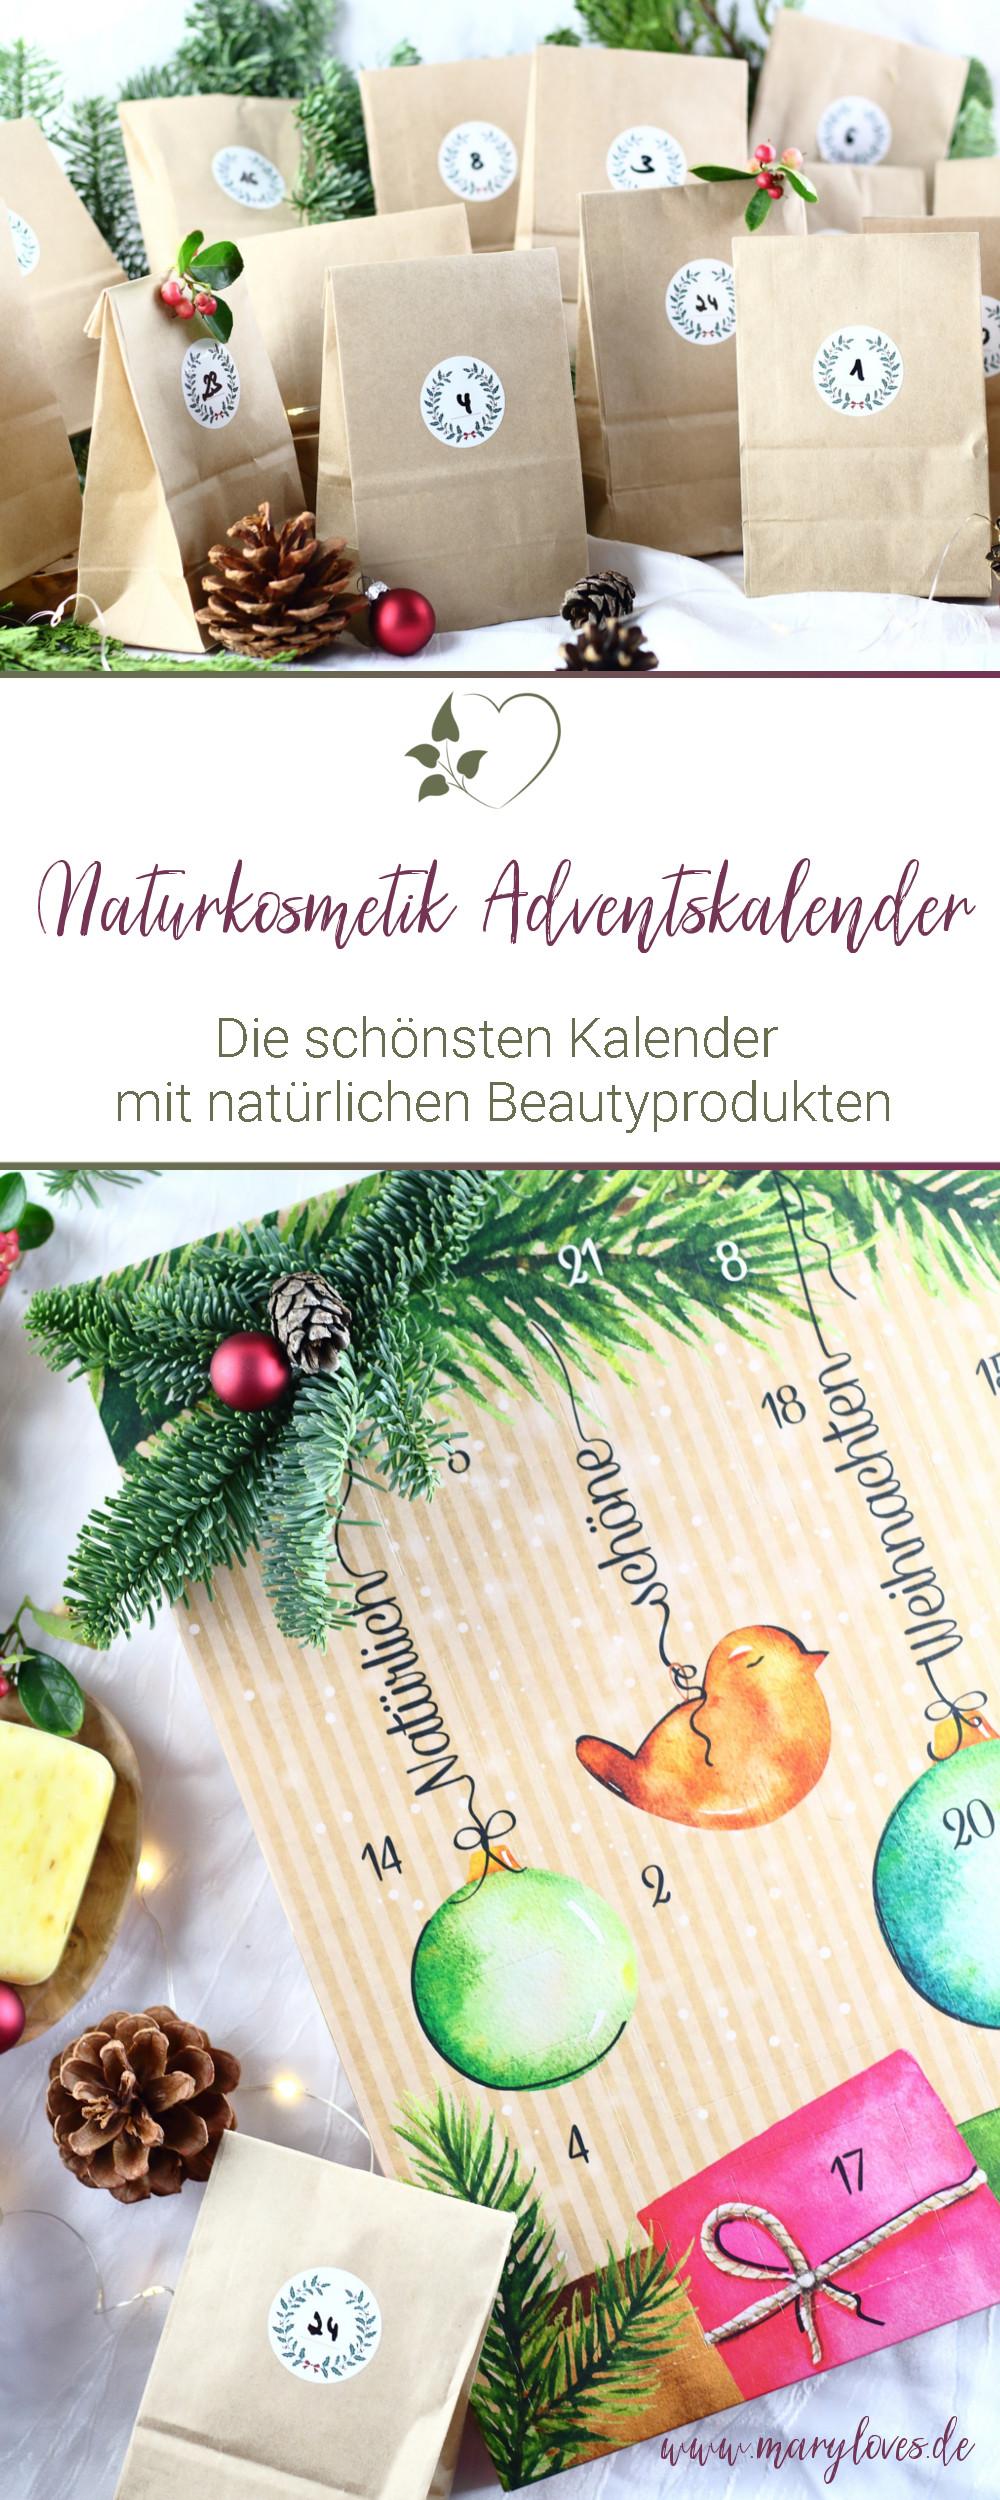 [Werbung unbeauftragt] Natürlich schöne Weihnachten - Die schönsten Naturkosmetik Adventskalender - #naturkosmetik #adventskalender #naturkosmetikadventskalender